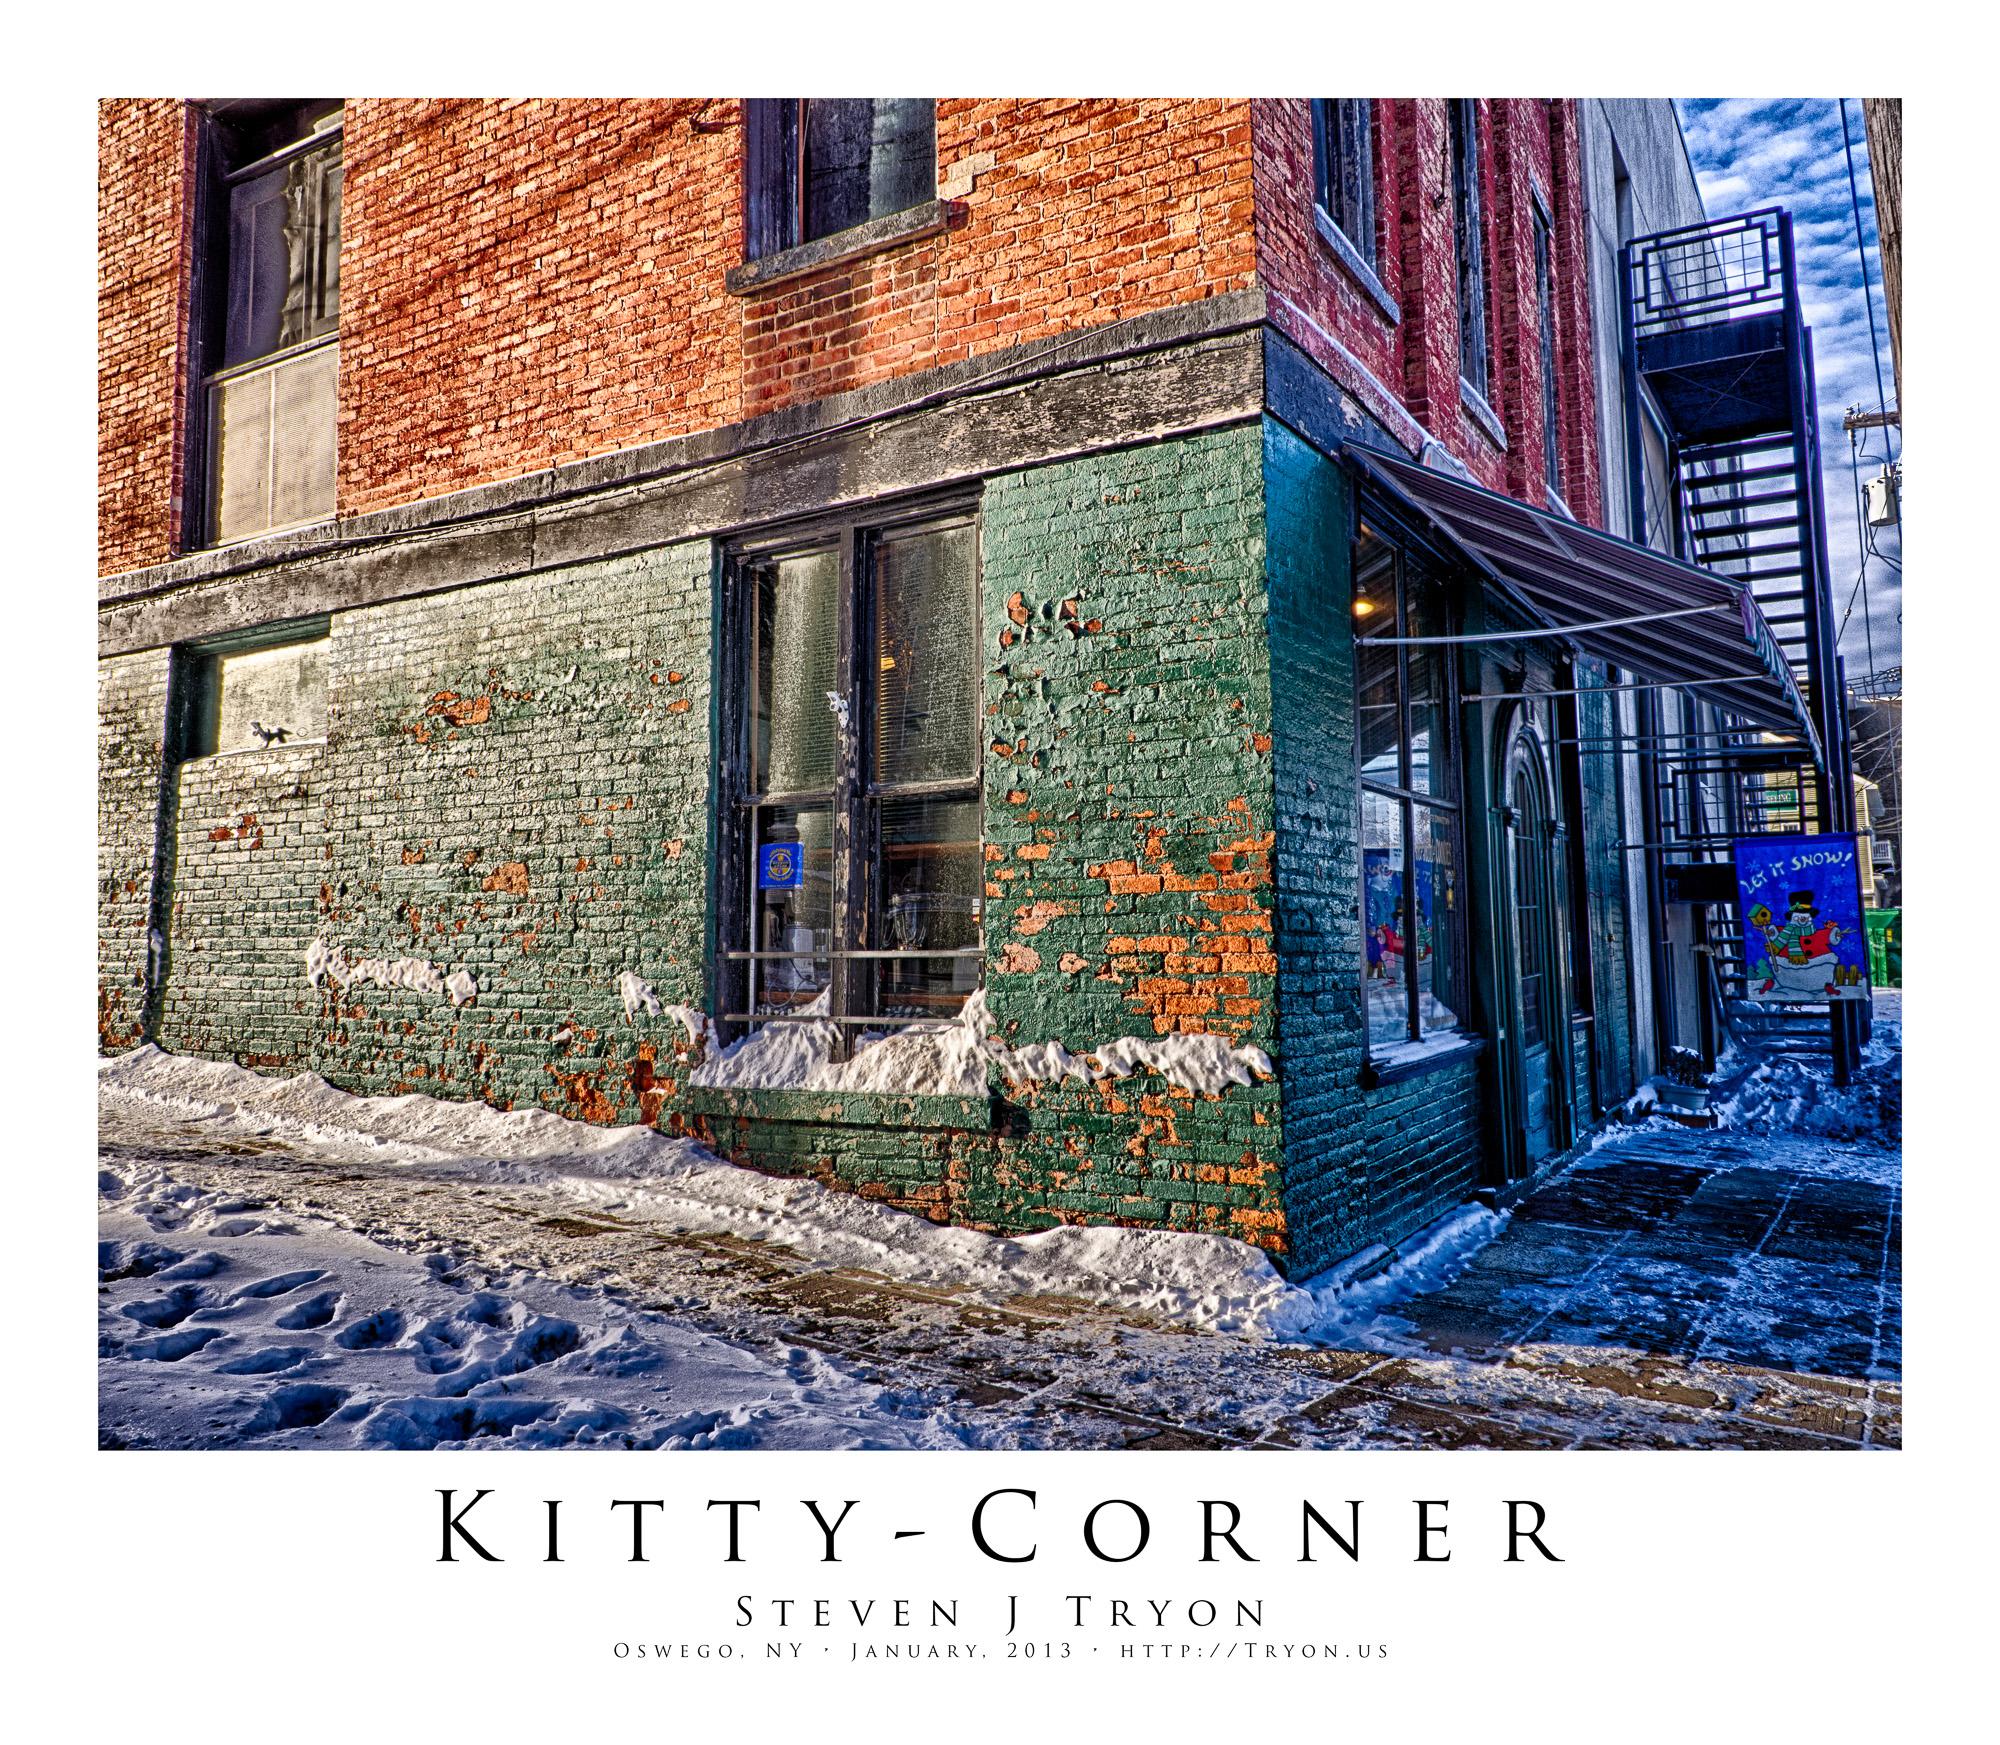 Kitty-Corner